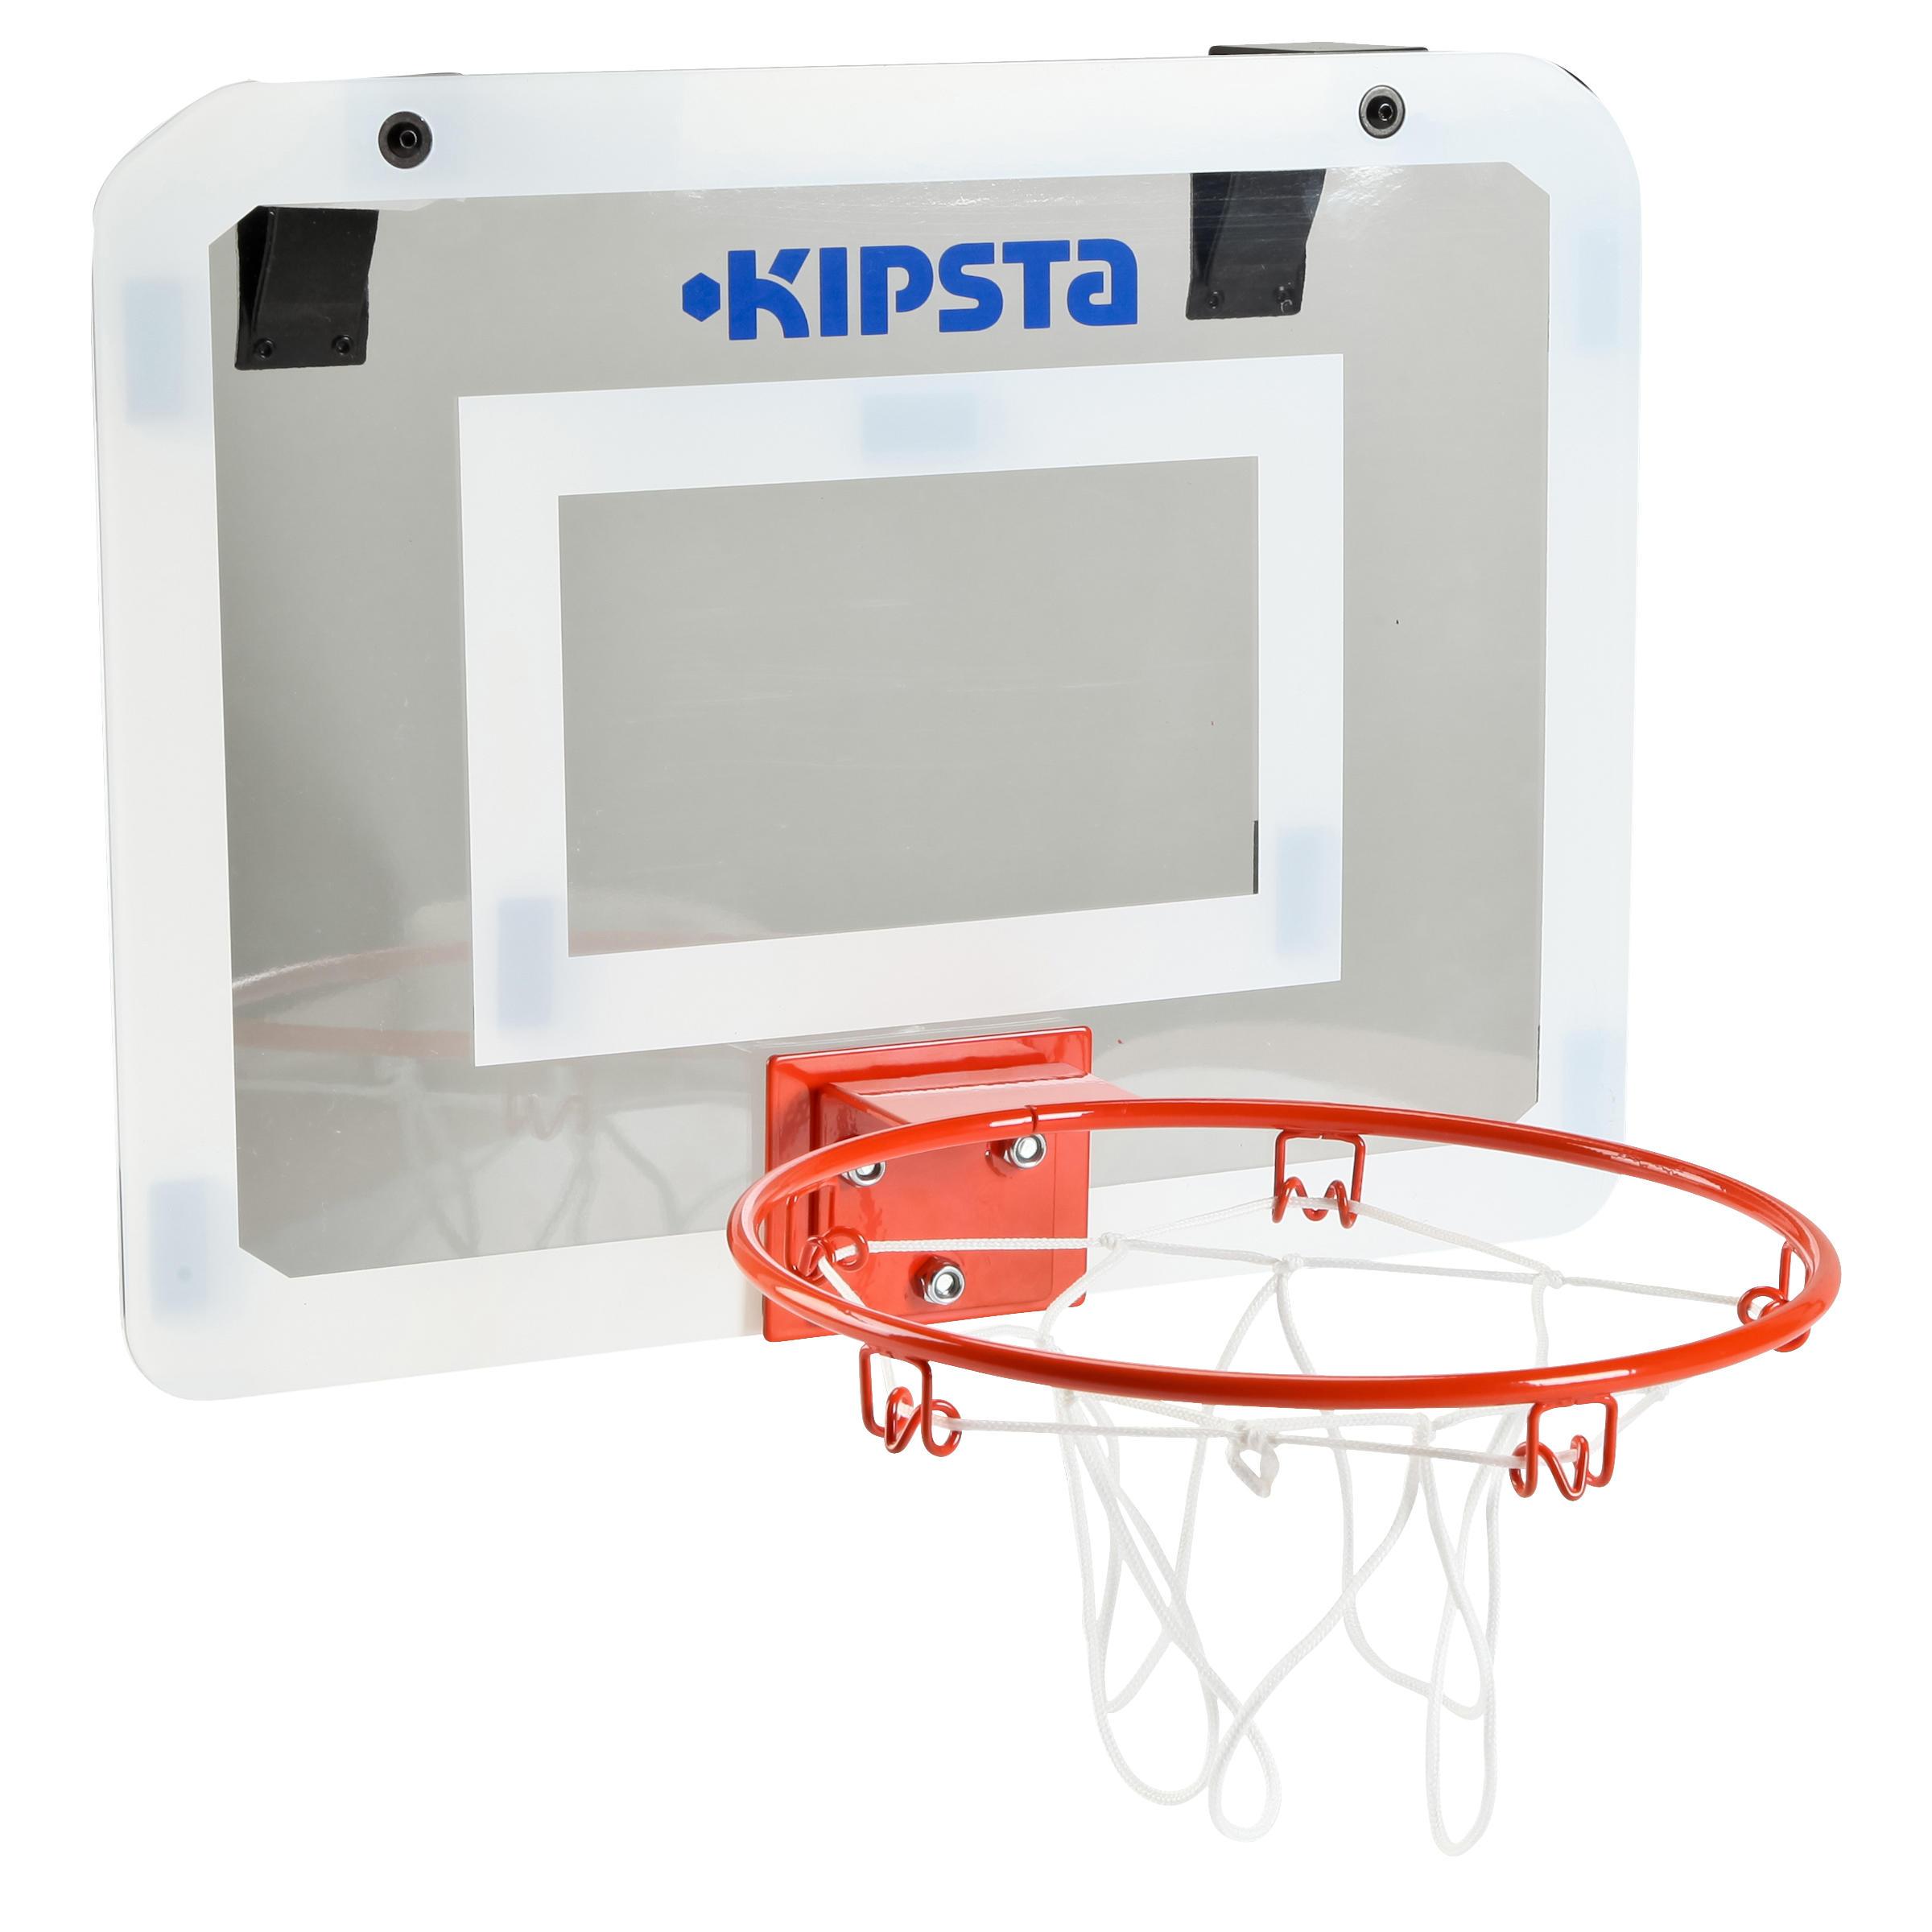 Tarmak Mini basketbalbord kd/vw Set Mini B Deluxe. Bevestigen aan een deur.